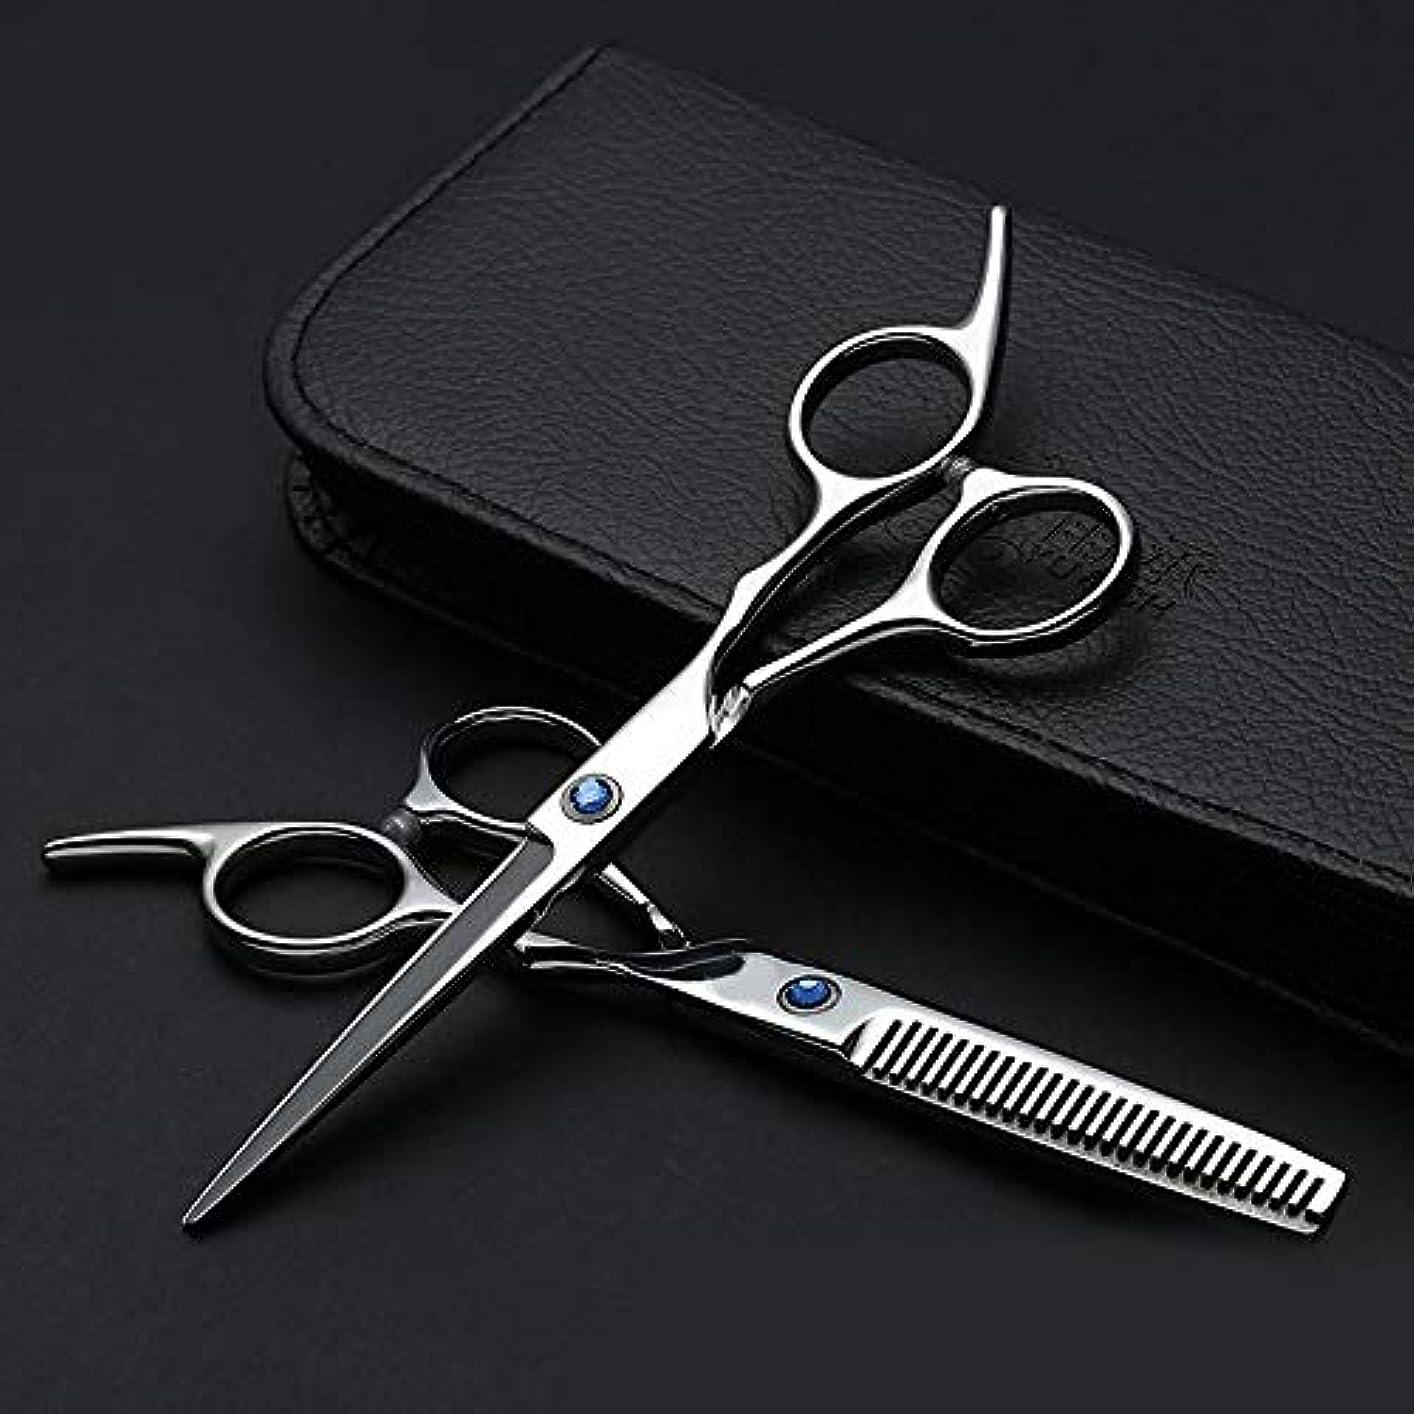 放出相互接続作る6インチプロフェッショナル理髪セット、フラット+歯はさみセット ヘアケア (色 : Blue diamond)